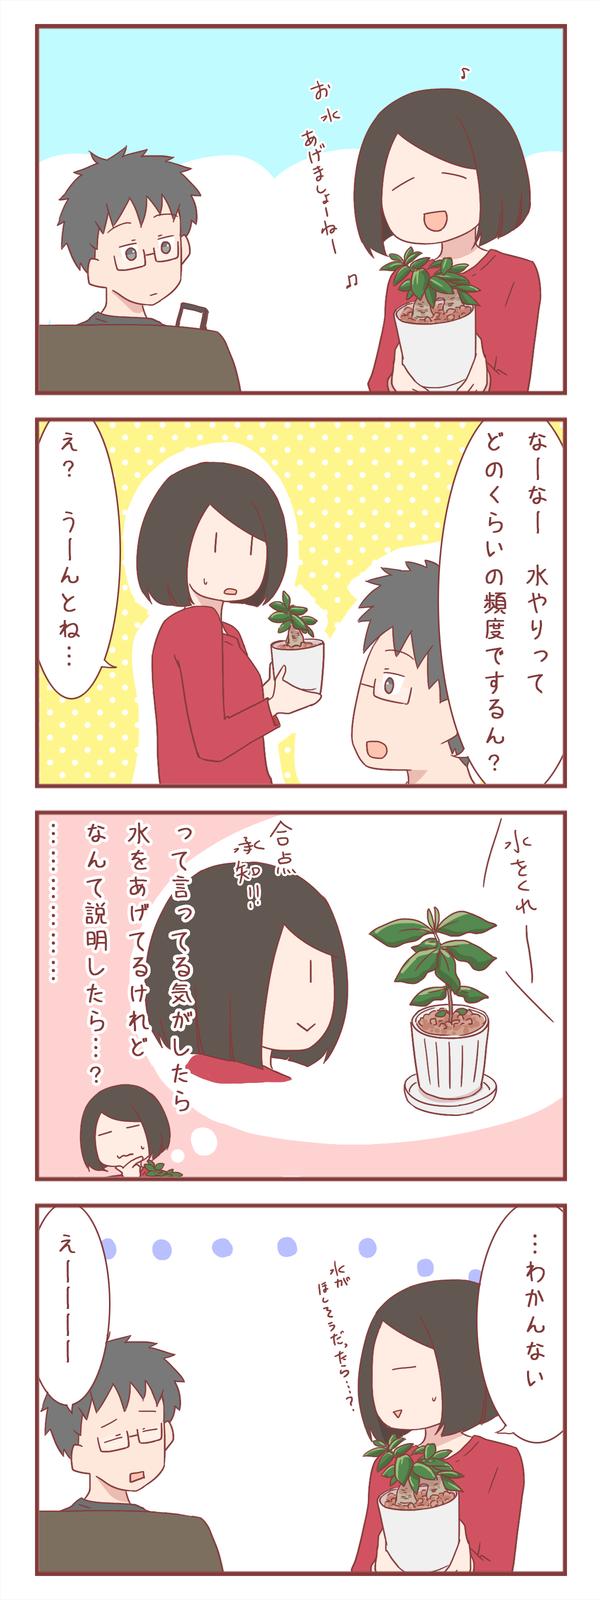 植物の世話の仕方の説明が難しい